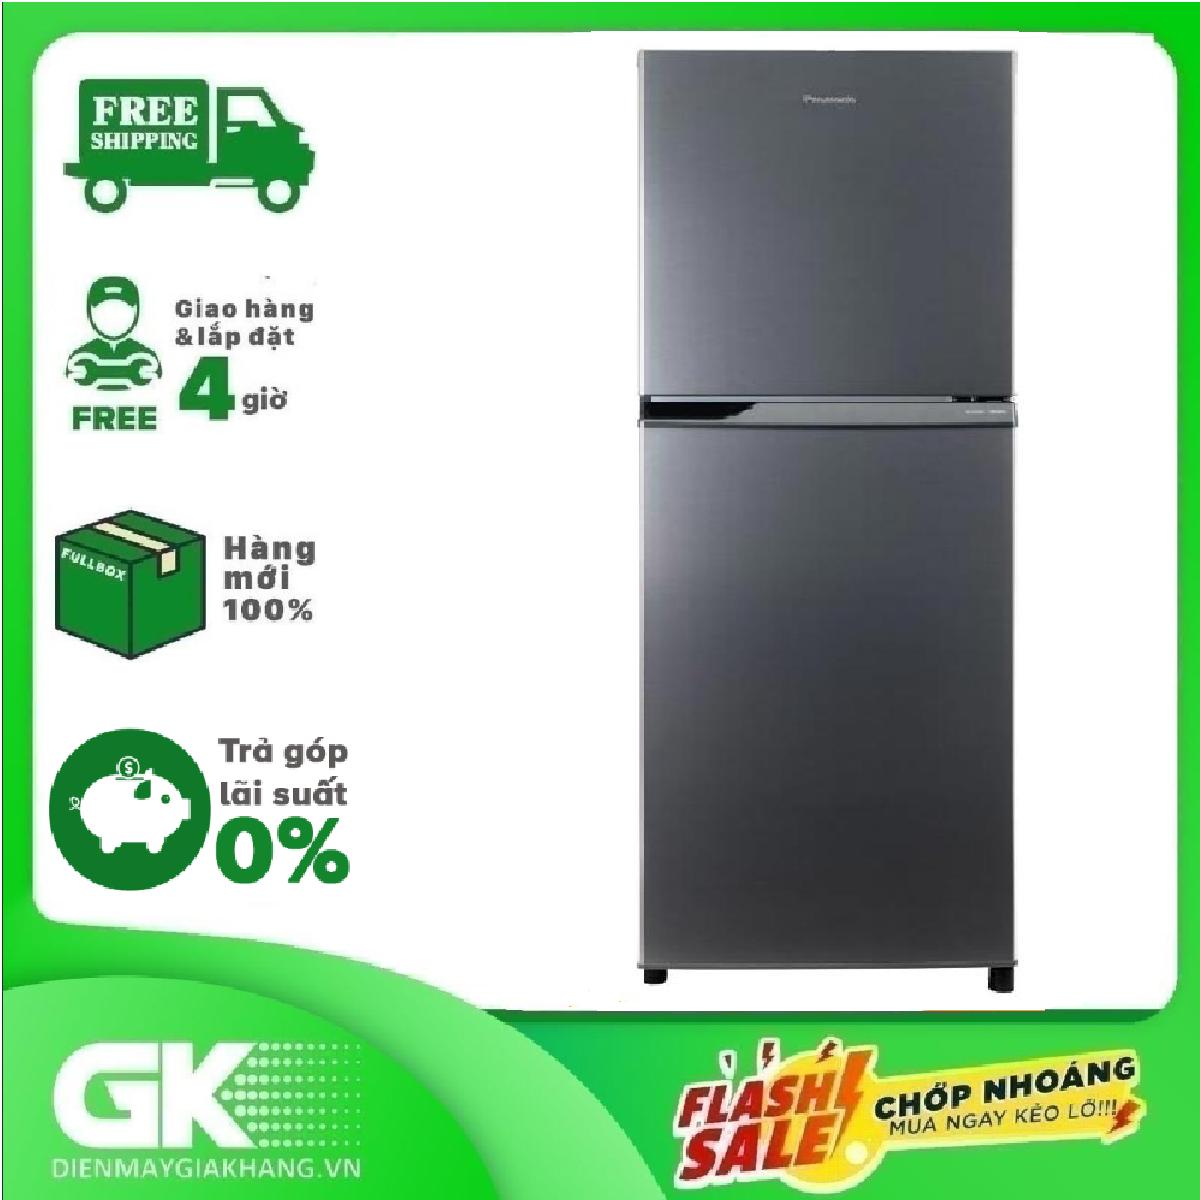 Ả GÓP 0% – Tủ lạnh Panasonic Inverter 234 lít NR-BL26AVPVN – Bảo hành 12 tháng